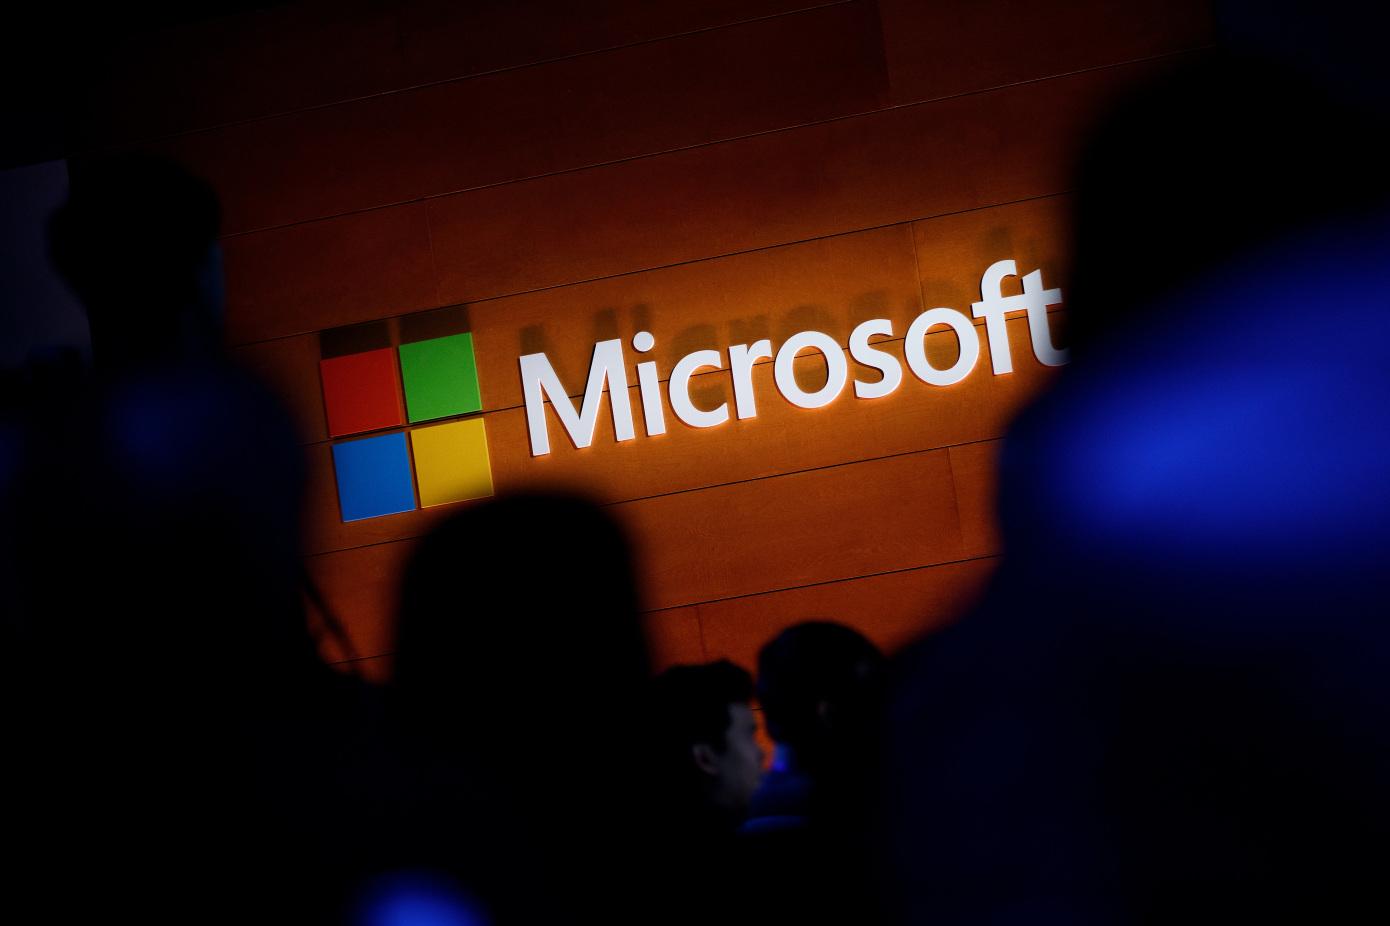 به گفته مایکروسافت چینیها با حمله به سرورهای Exchange سعی در سرقت اطلاعات دارند